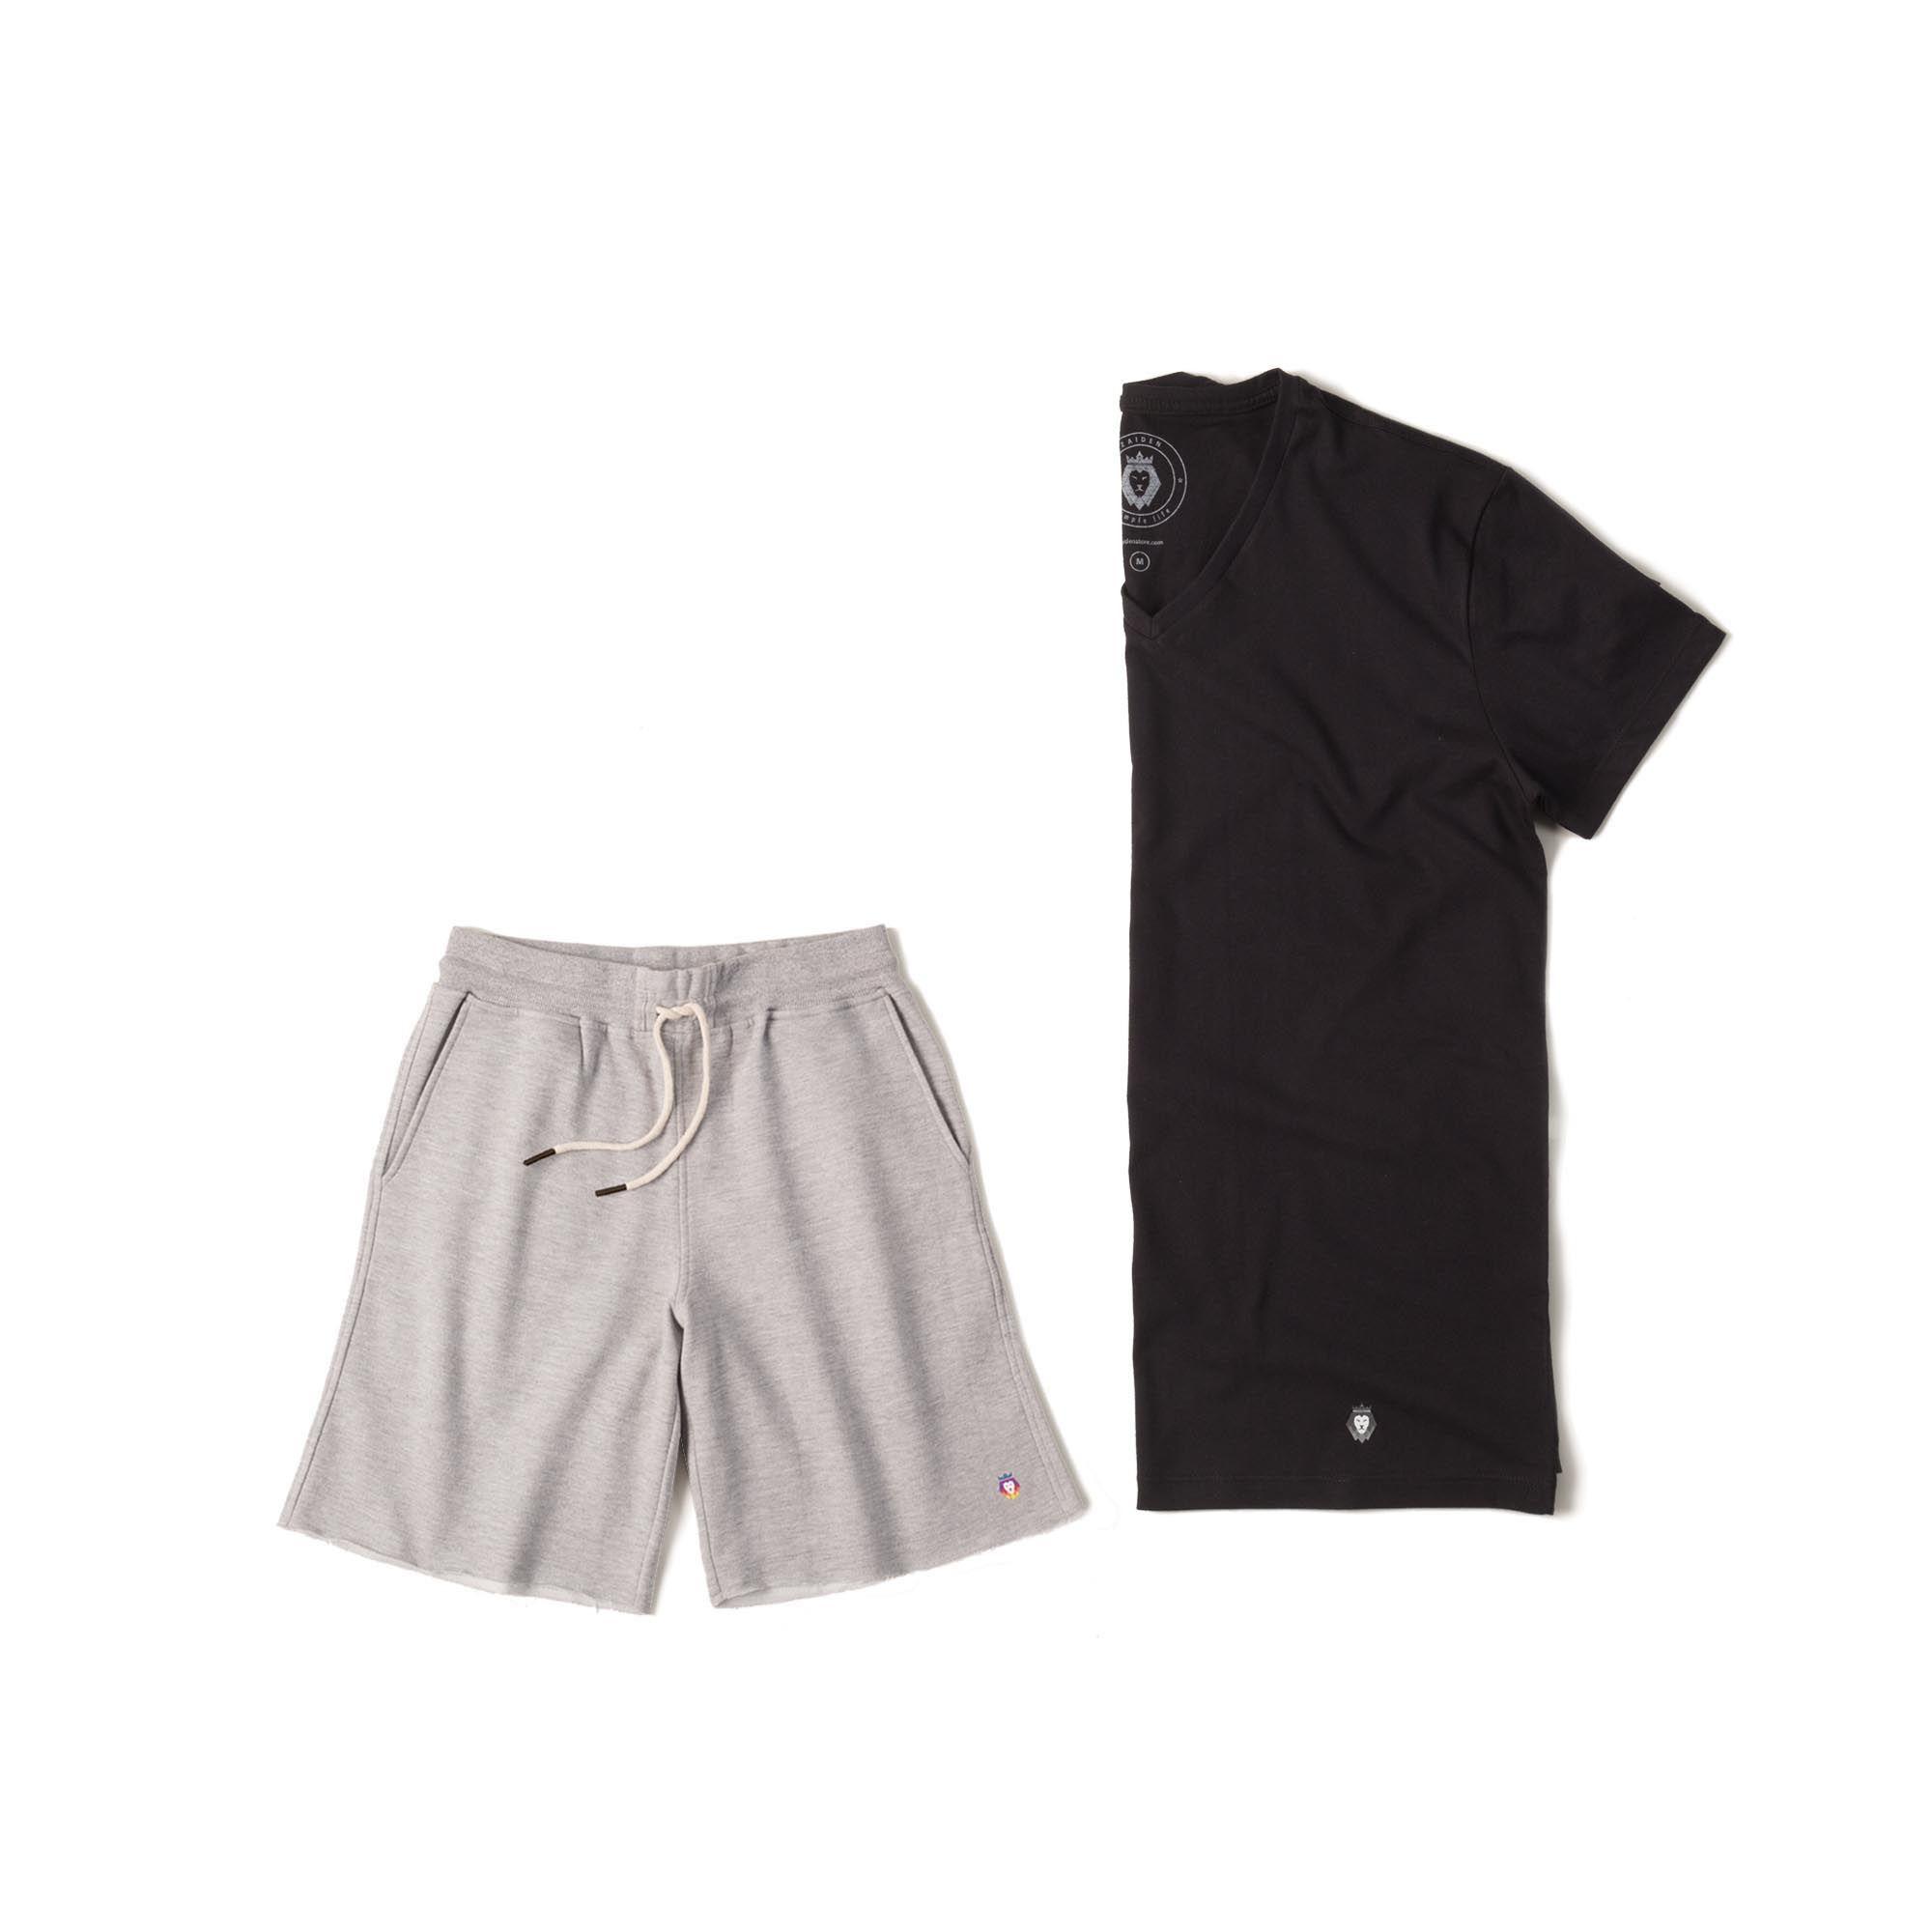 Kit 1 Bermuda Basic Mescla + 1 T-Shirt Basic Preta Zaiden Masculina